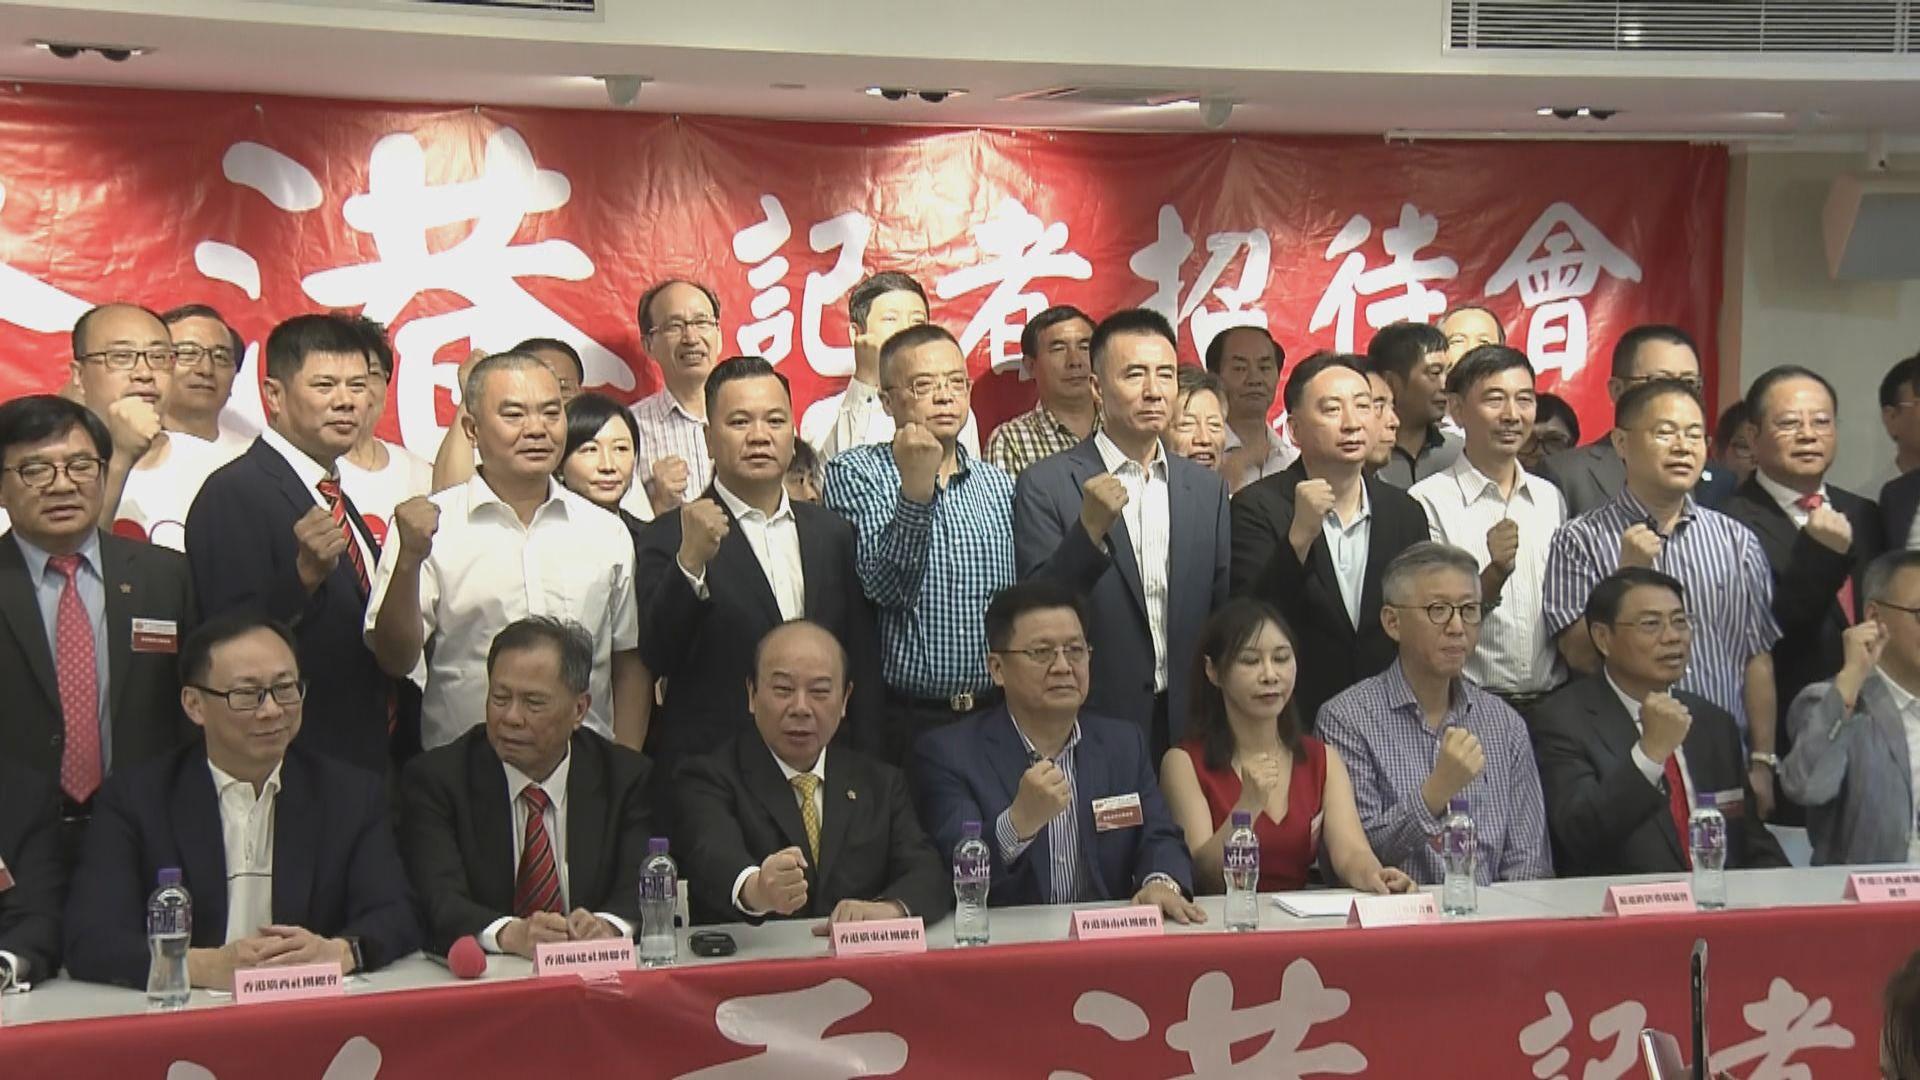 同鄉會共同聲明譴責極端暴力促嚴正執法